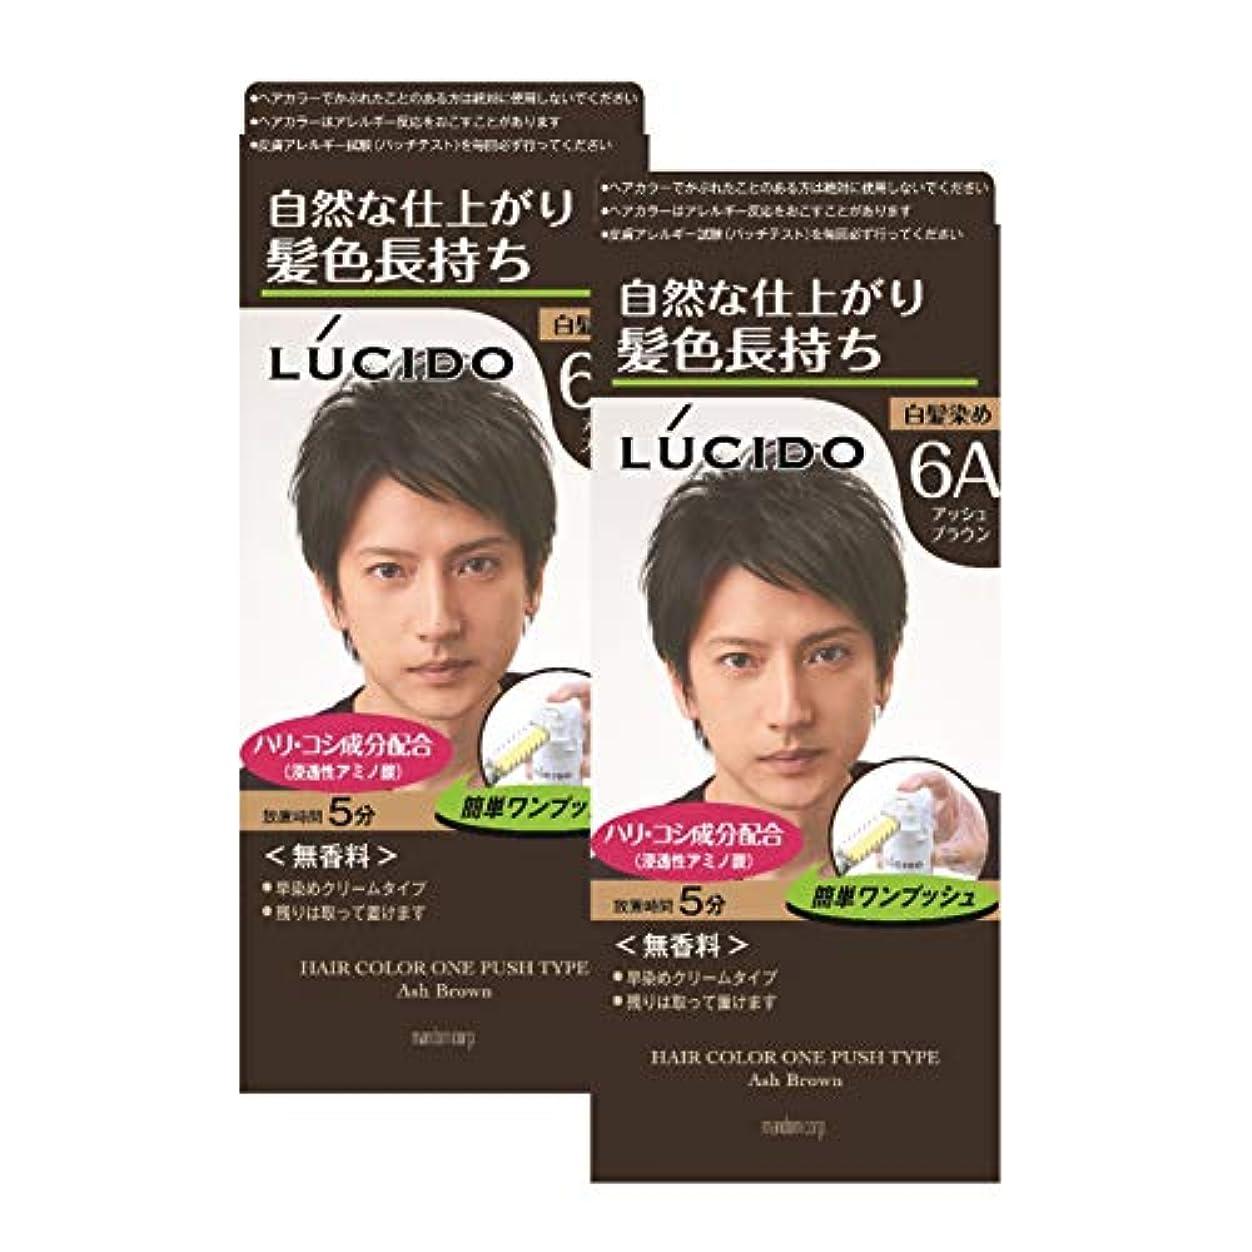 ローズ角度しばしばLUCIDO(ルシード) ルシード ワンプッシュケアカラー アッシュブラウン (医薬部外品) 白髪染め 2個パック